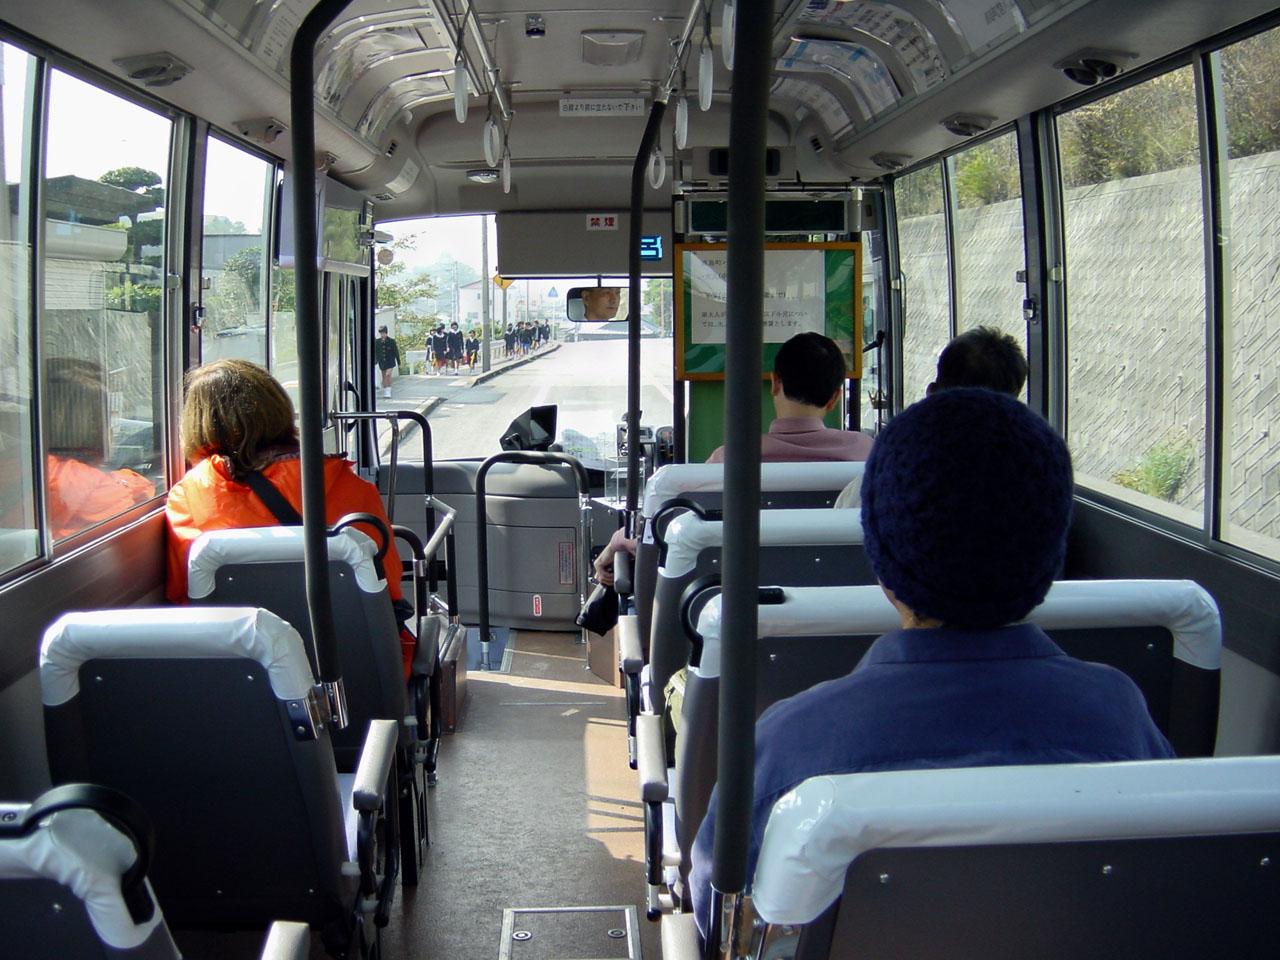 naoshima bus2 01.11.2002